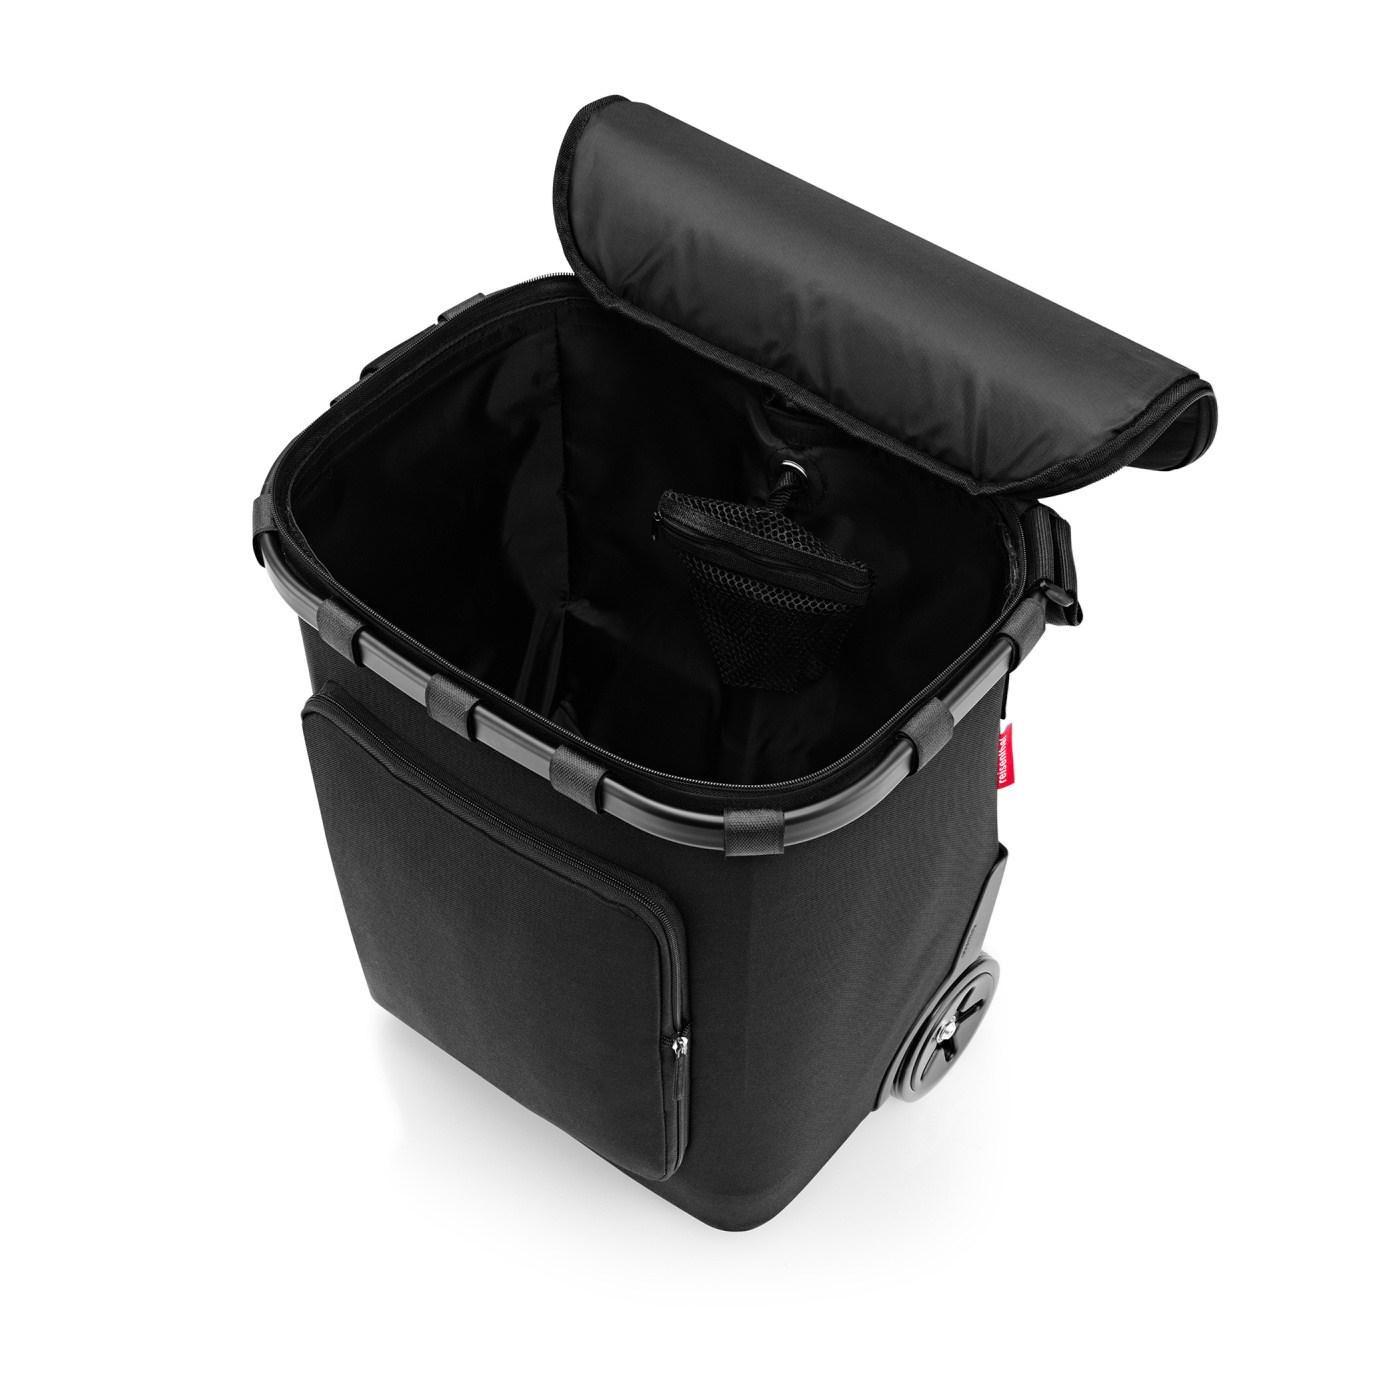 Taška na kolečkách Carrycruiser plus frame black_2